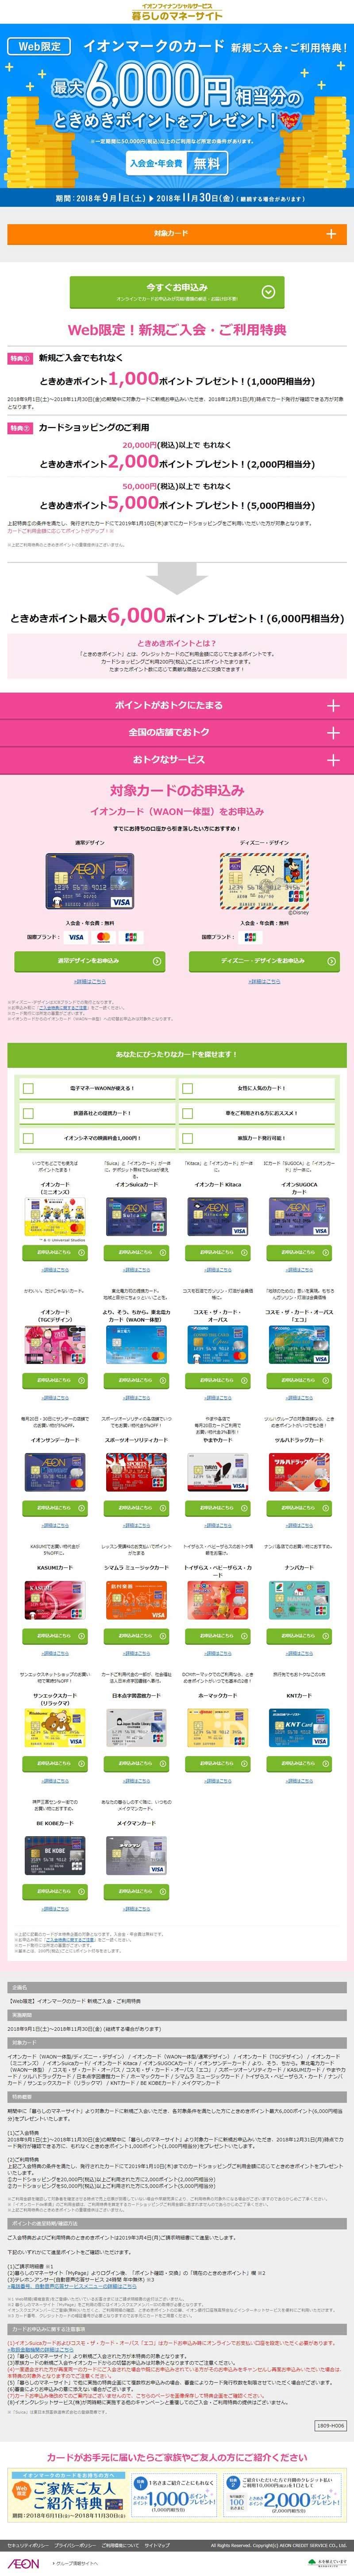 イオンカード(WAON一体型)、2018年9月1日(土)~2018年11月30日(金) までの新規入会申込みキャンペーンページのキャプチャー画像